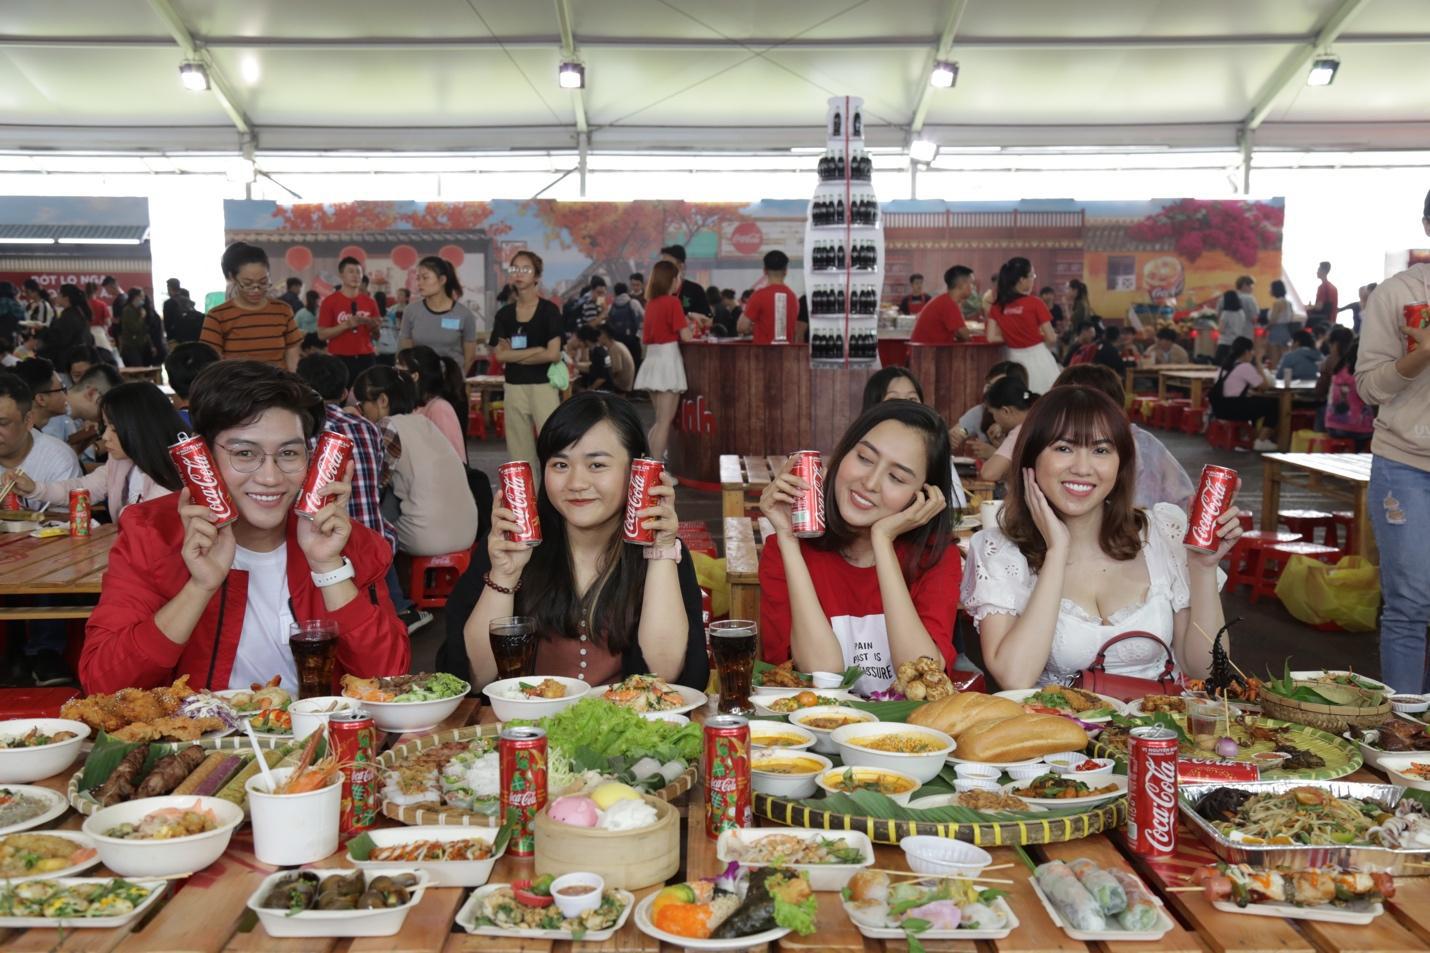 """Giới trẻ Sài thành đổ xô đi tìm """"vị mùa thu"""" tại Lễ hội Ẩm thực châu Á - Ảnh 10."""